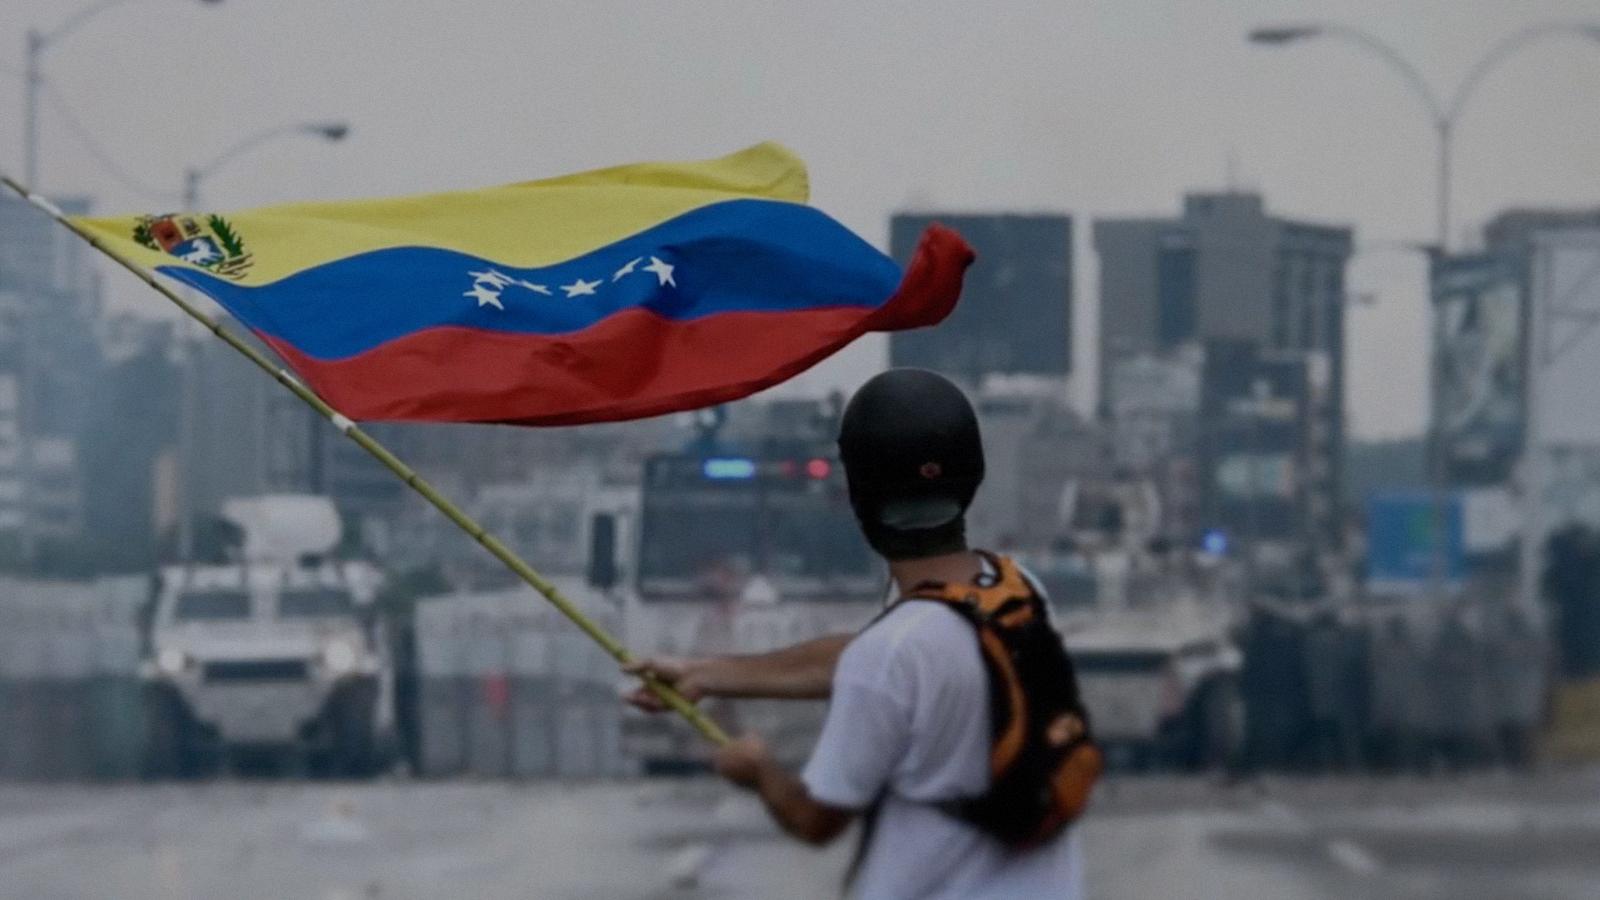 Les États-Unis sont-ils en train de regagner leur influence en Amérique du Sud ?